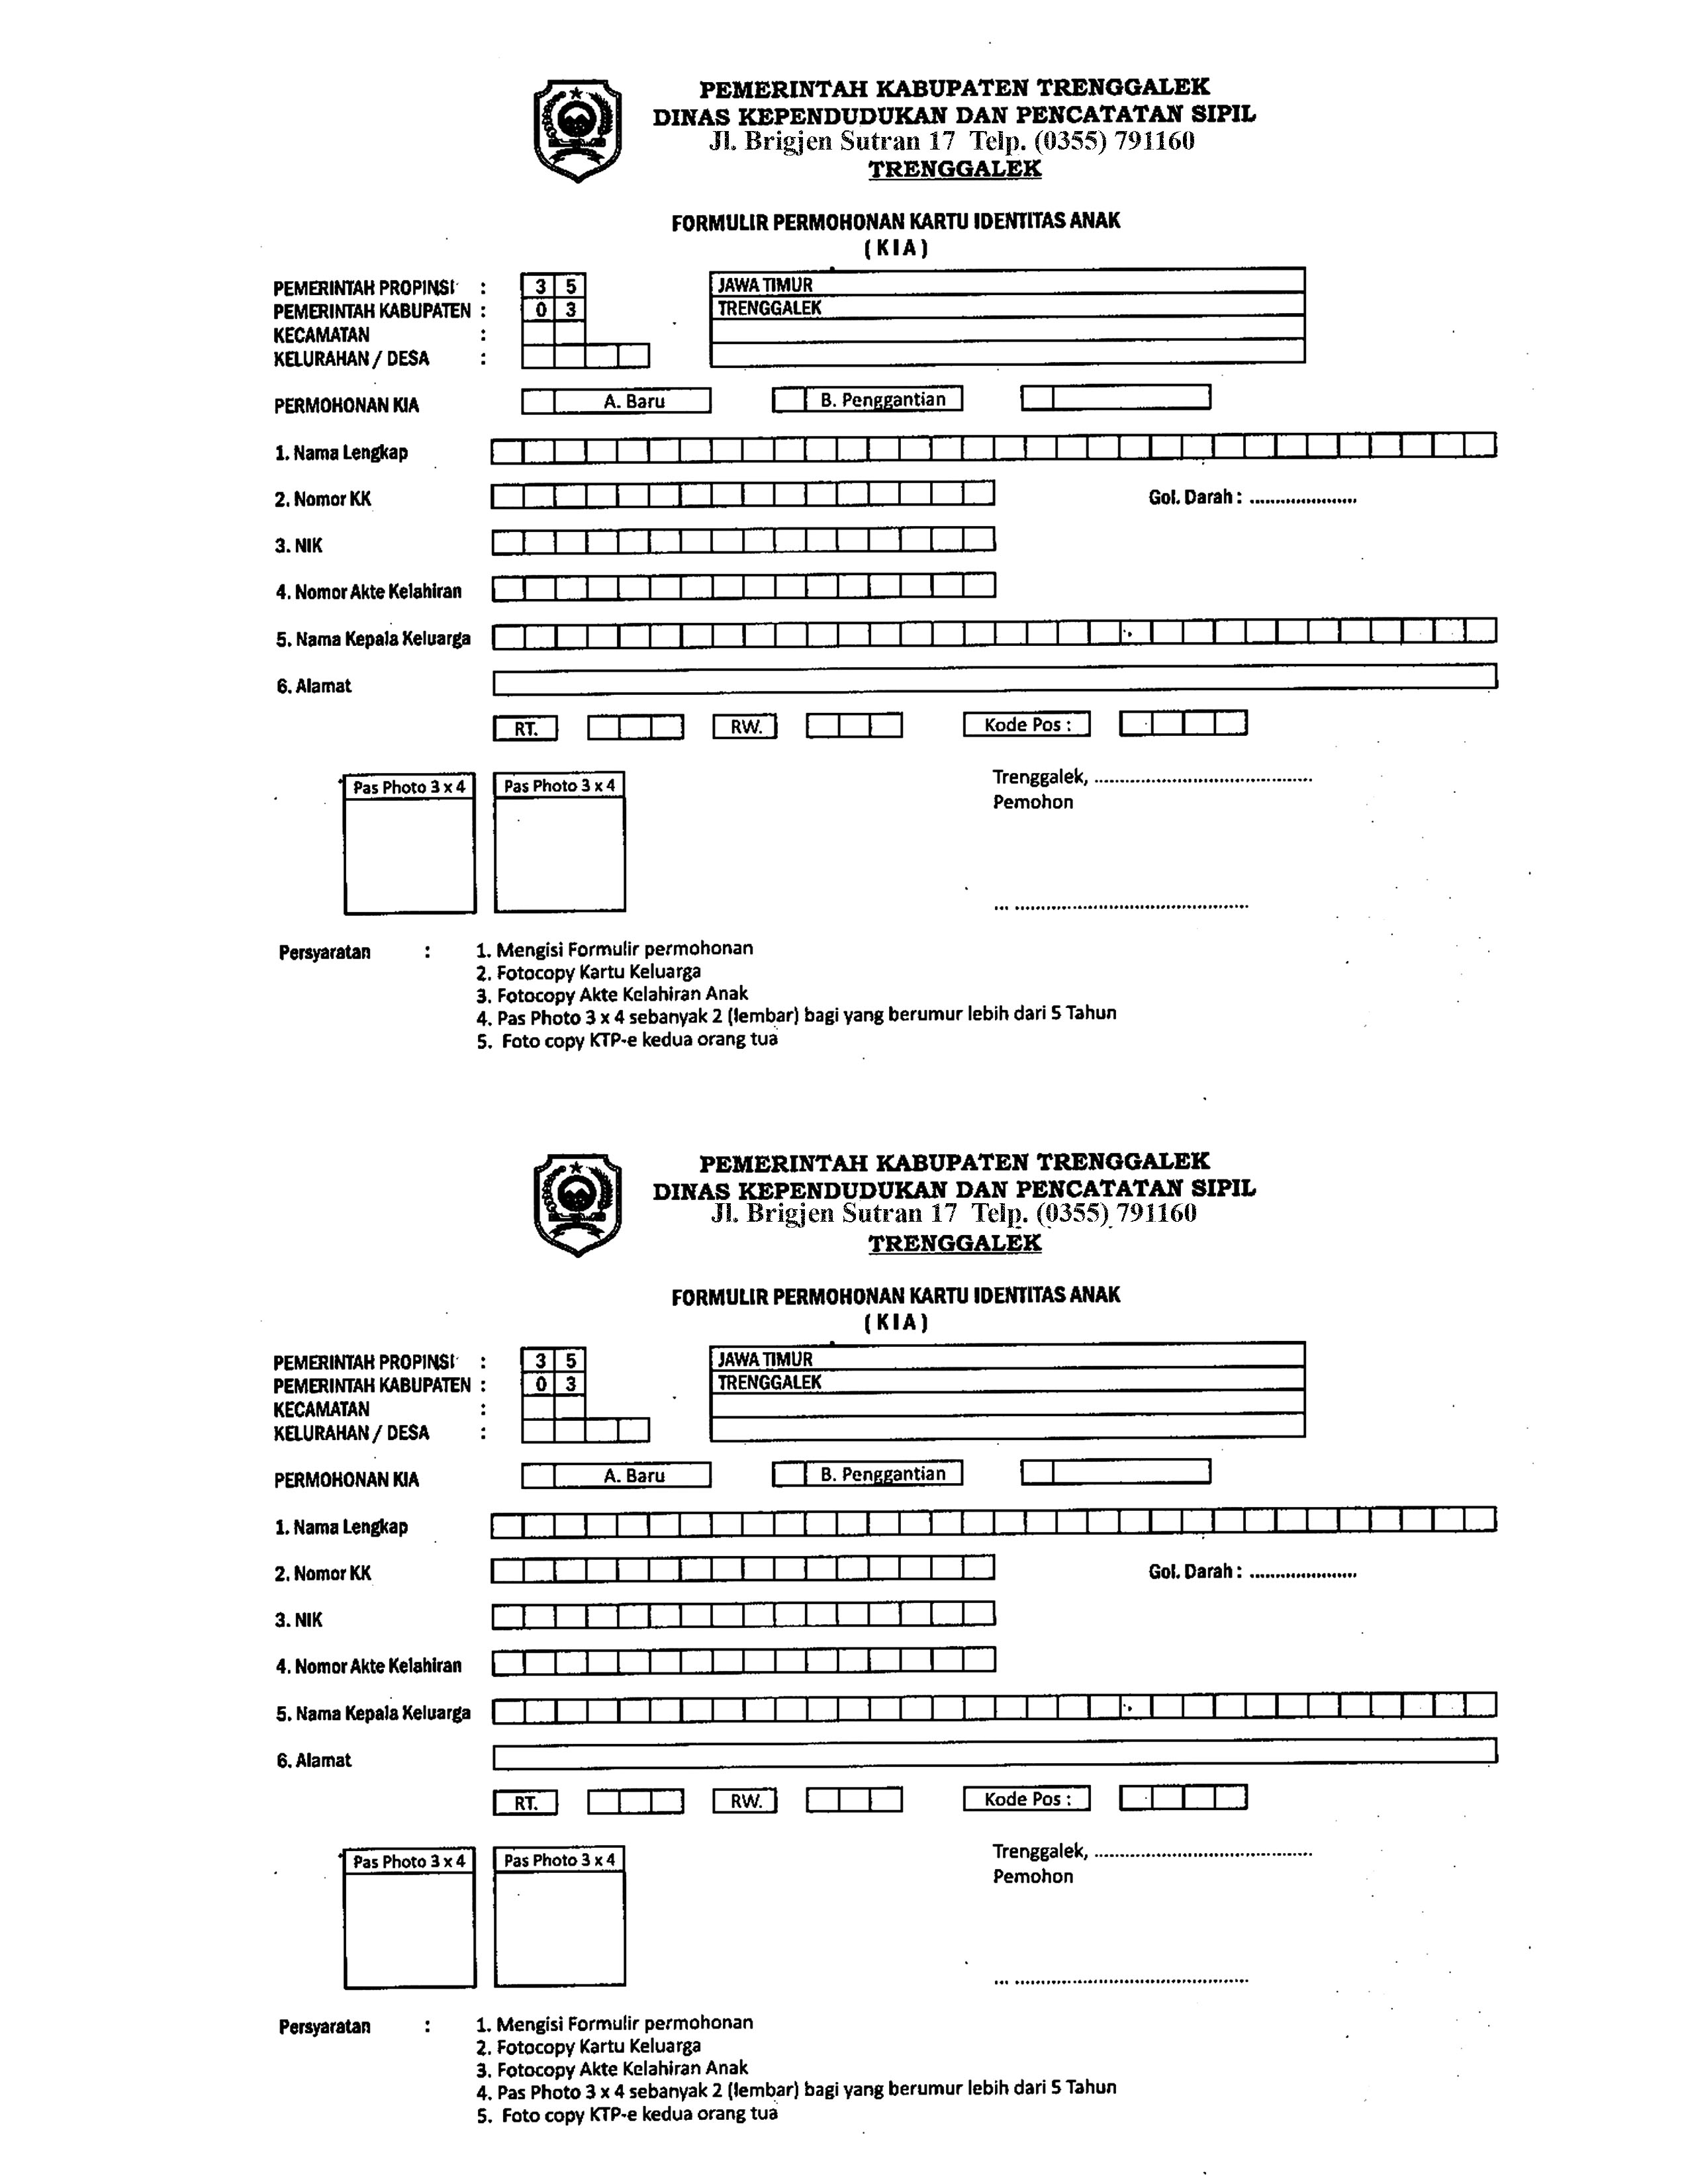 Formulir Permohonan Kia Dinas Kependudukan Dan Pencatatan Sipil Kabupaten Trenggalek